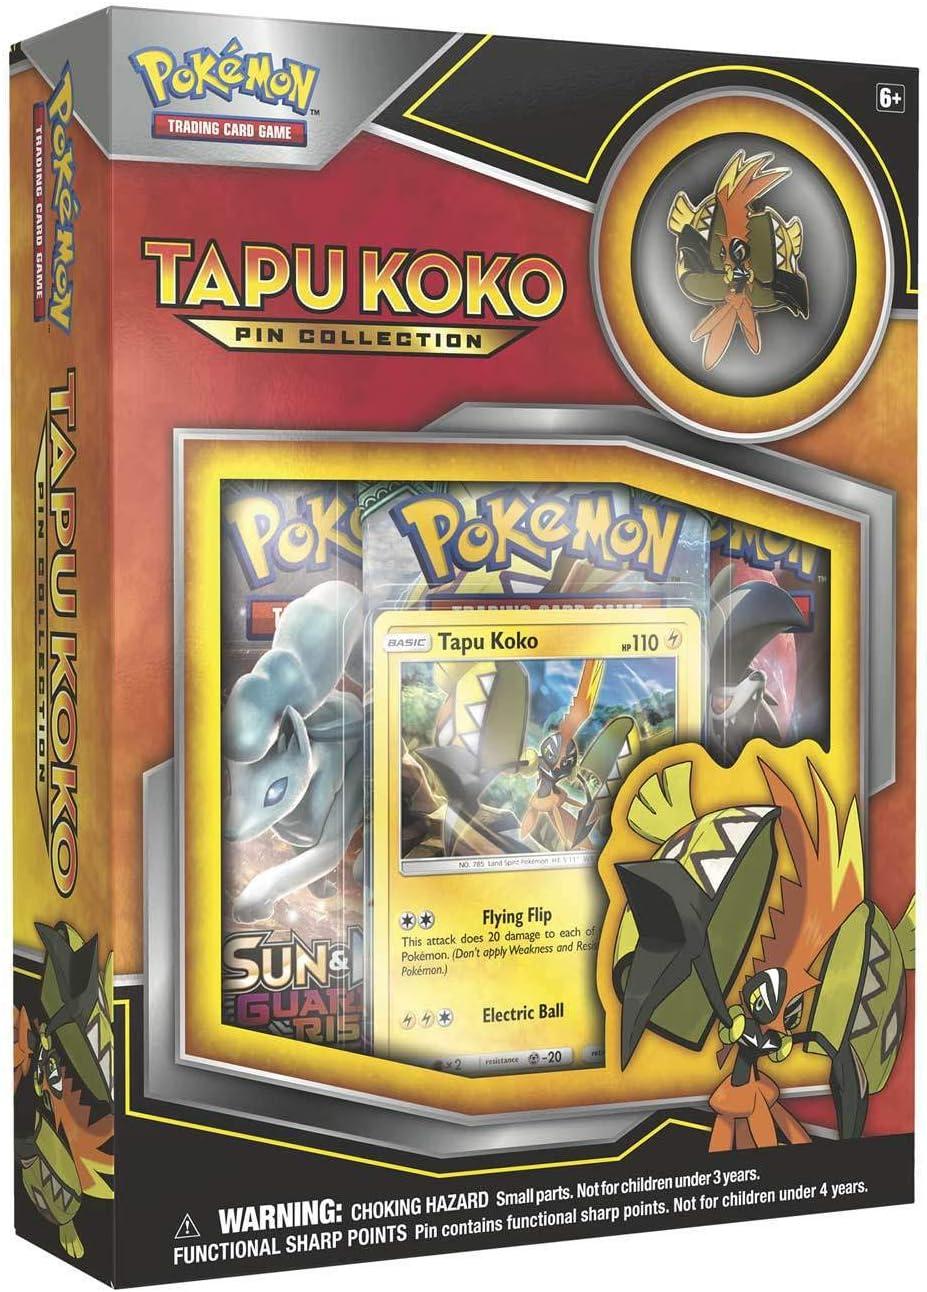 PoKéMoN 290-80276 - Cartas coleccionables de la colección Tapu Koko Pin Collection: Amazon.es: Juguetes y juegos